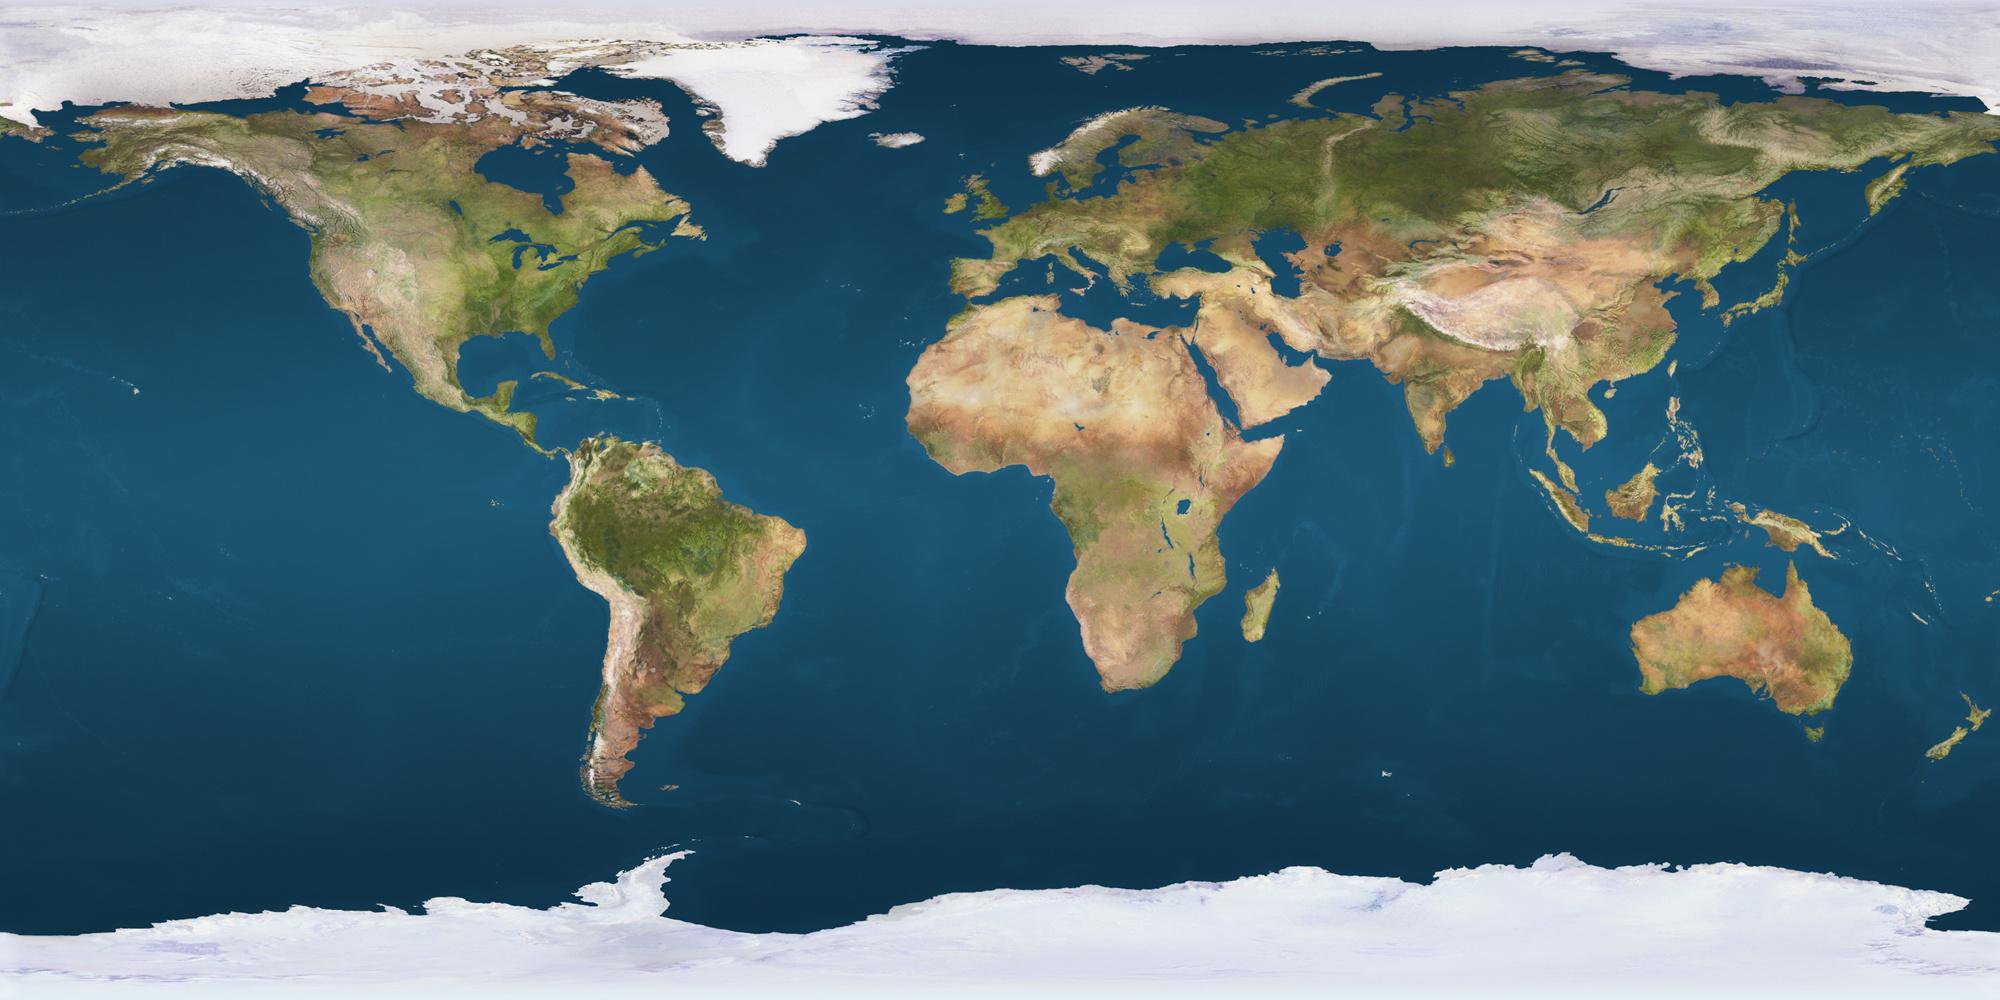 Administradores de la Tierra